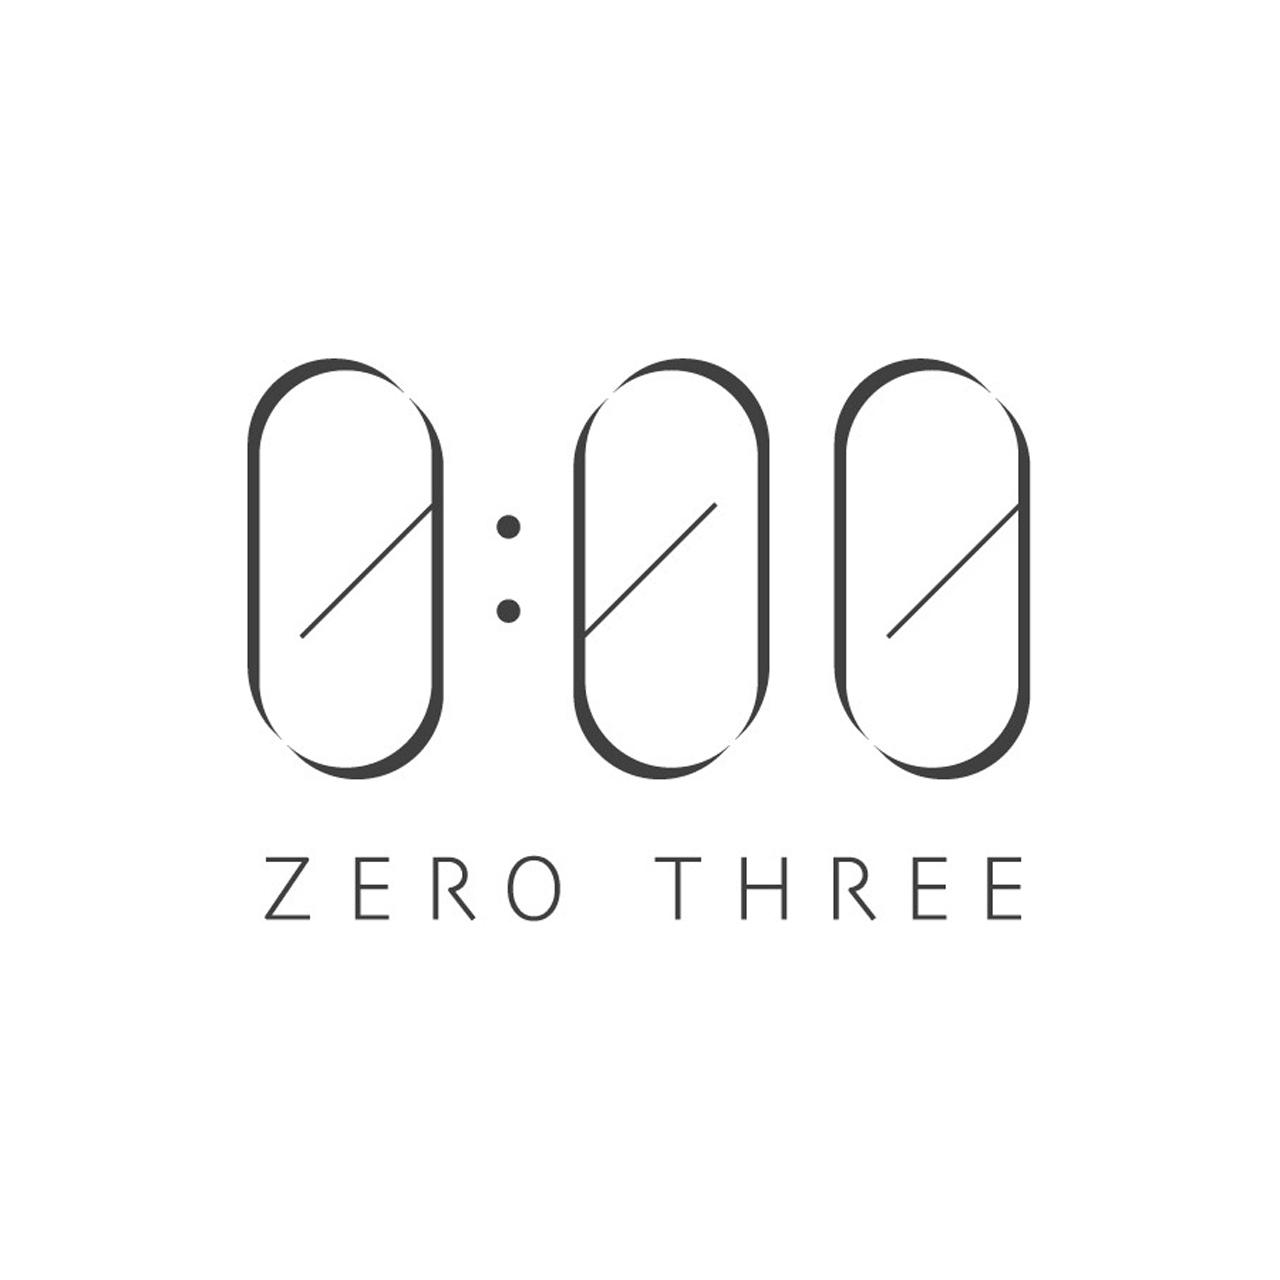 0:00 - ゼロスリー